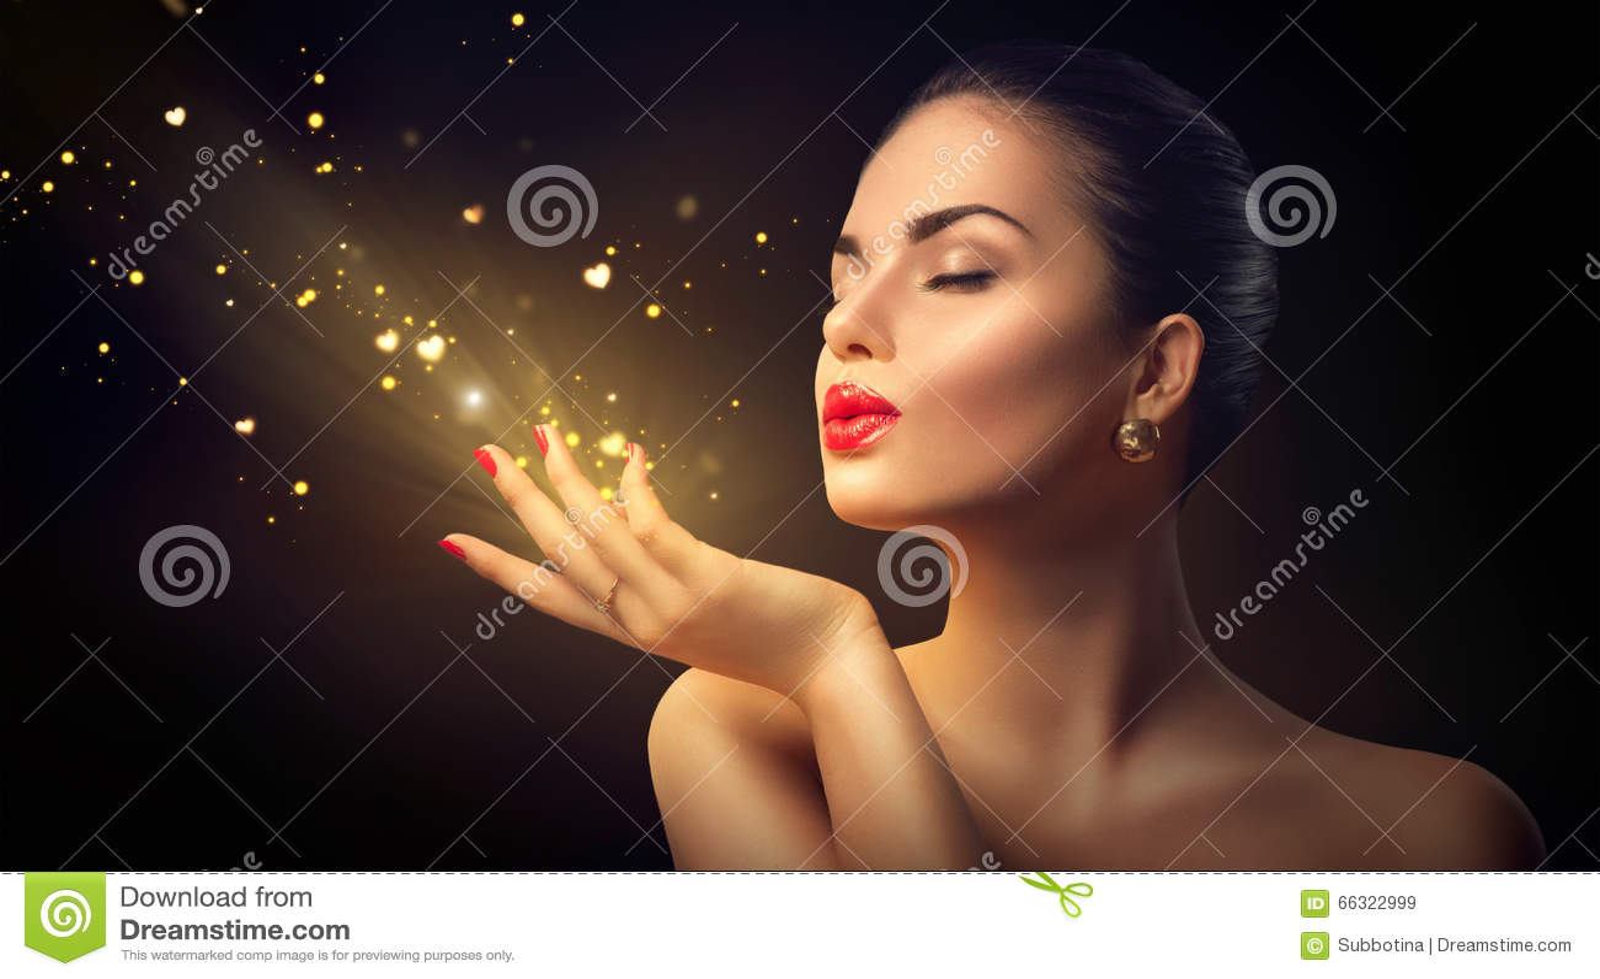 Γυναίκα ομορφιάς που φυσά τη μαγική σκόνη με τις χρυσές καρδιές